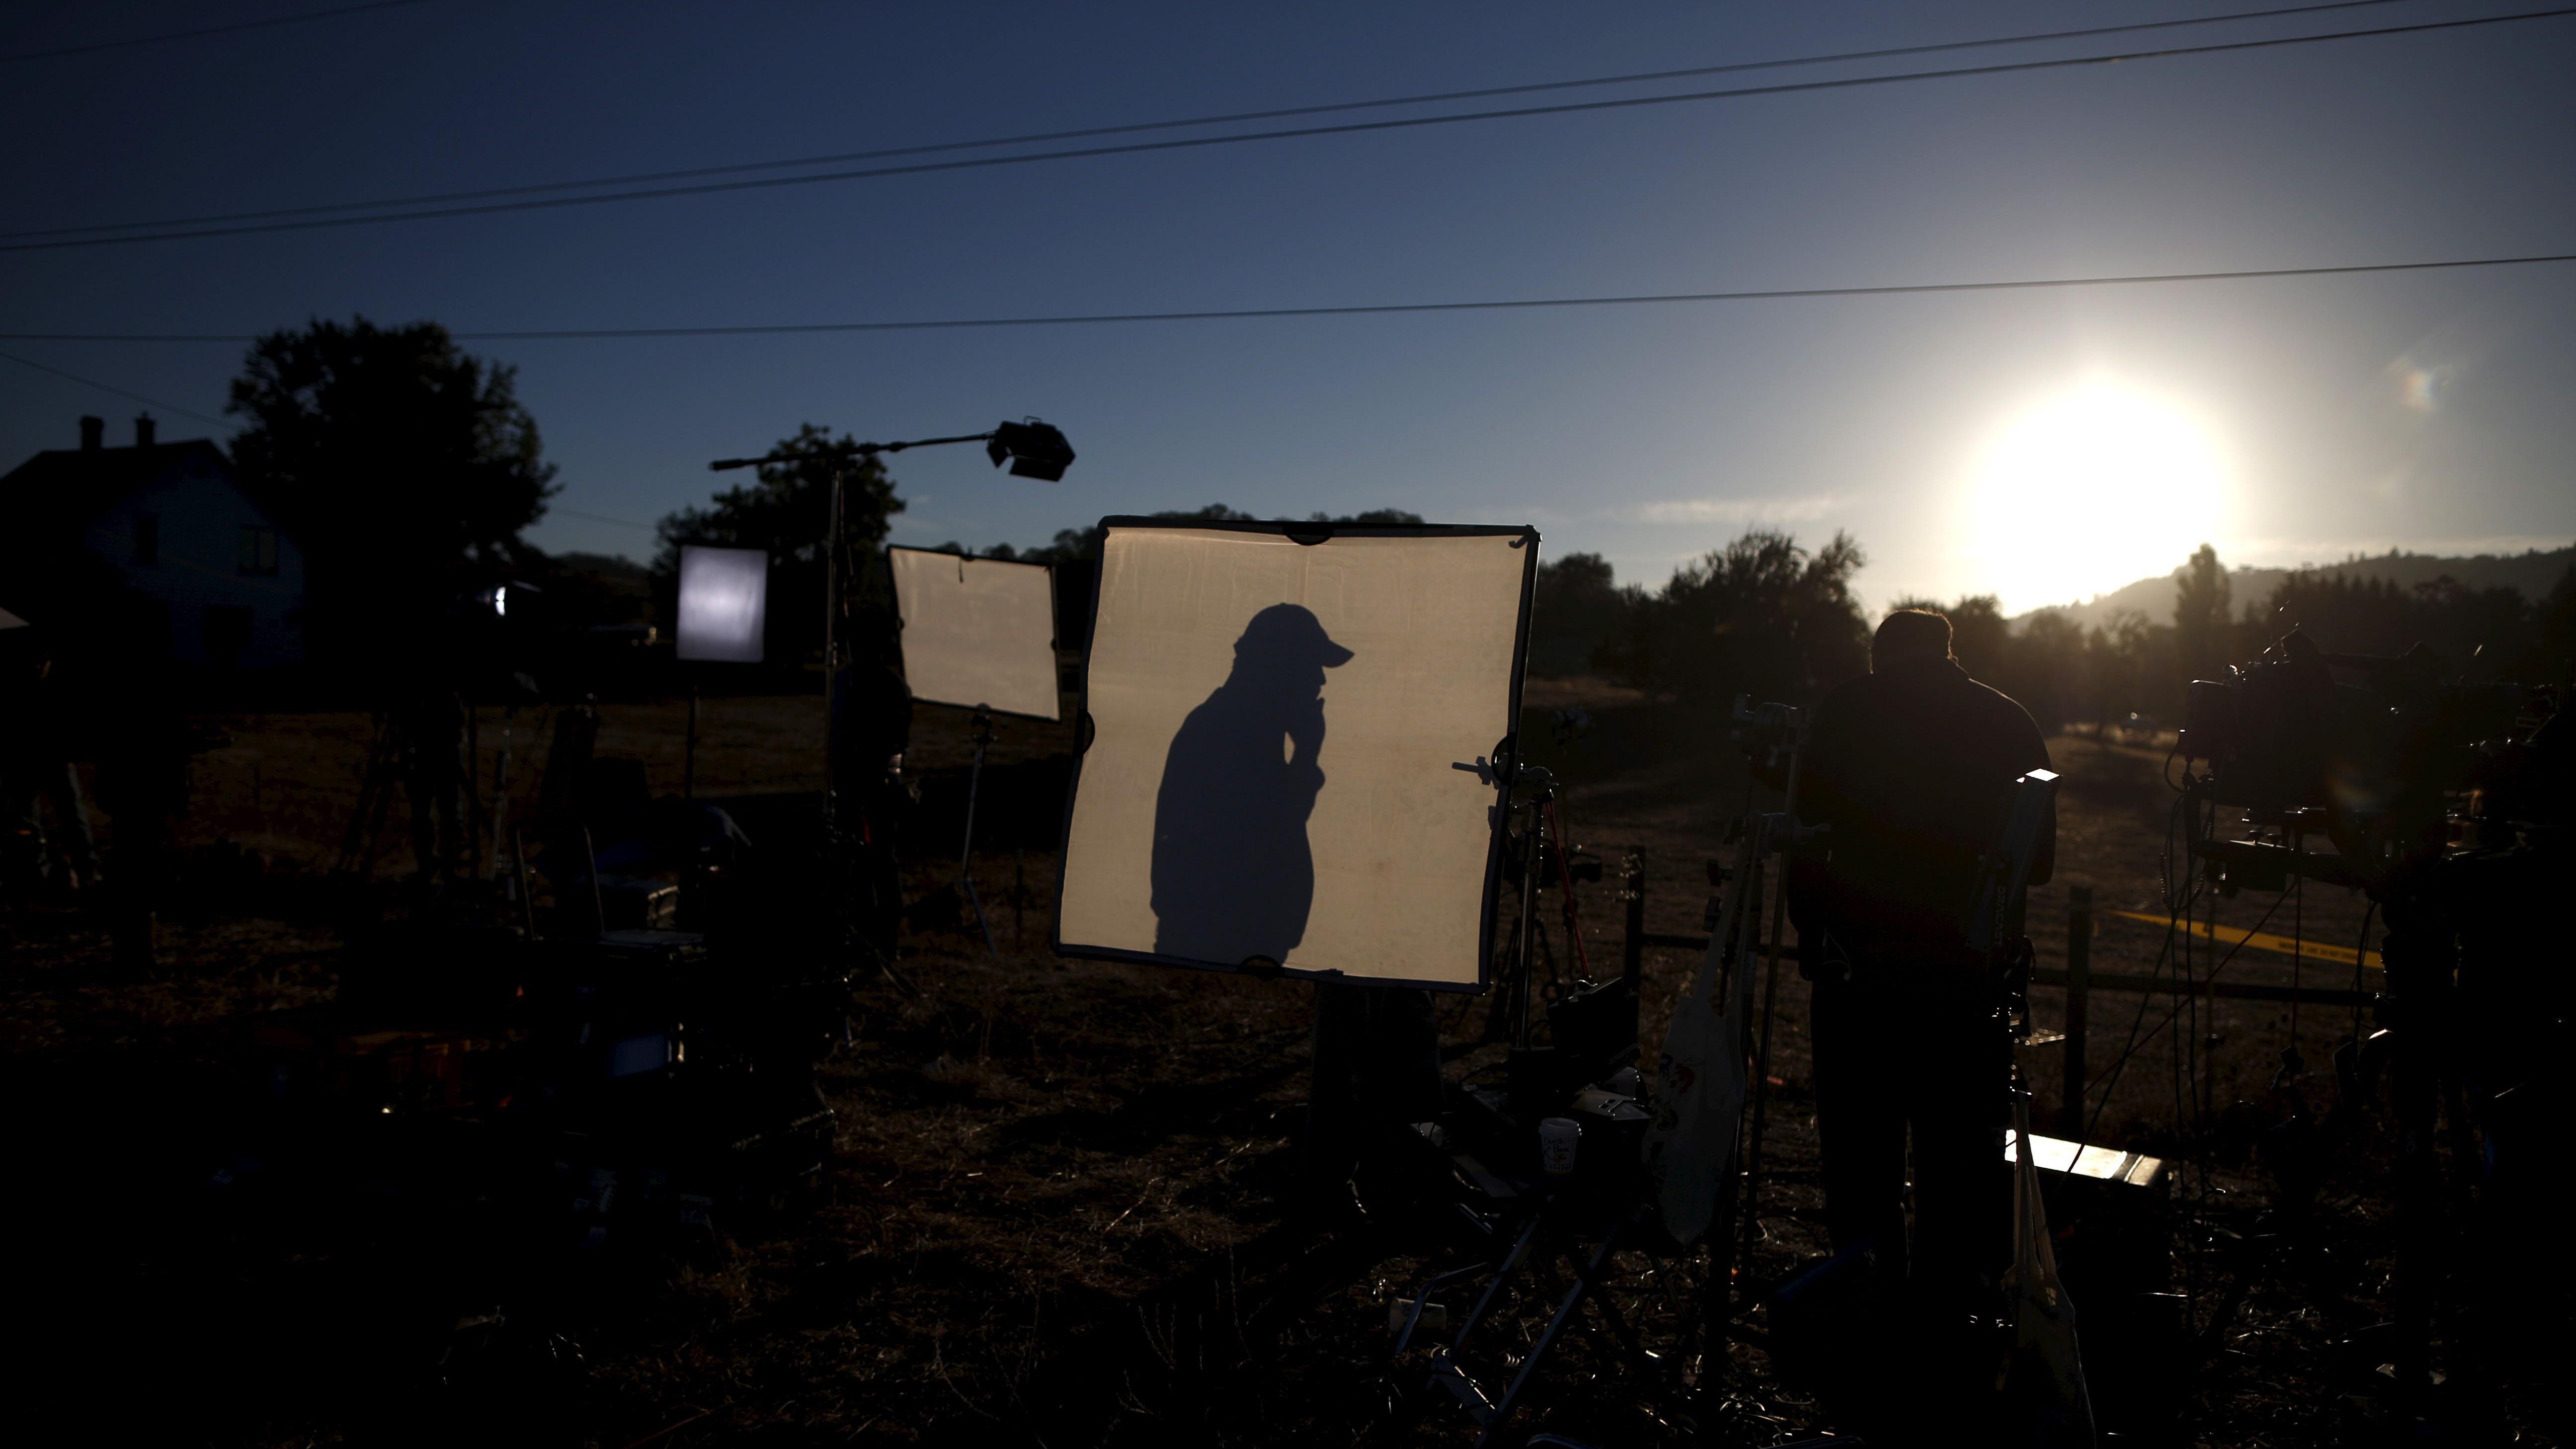 Television crews film at sunrise outside Umpqua Community College in Roseburg